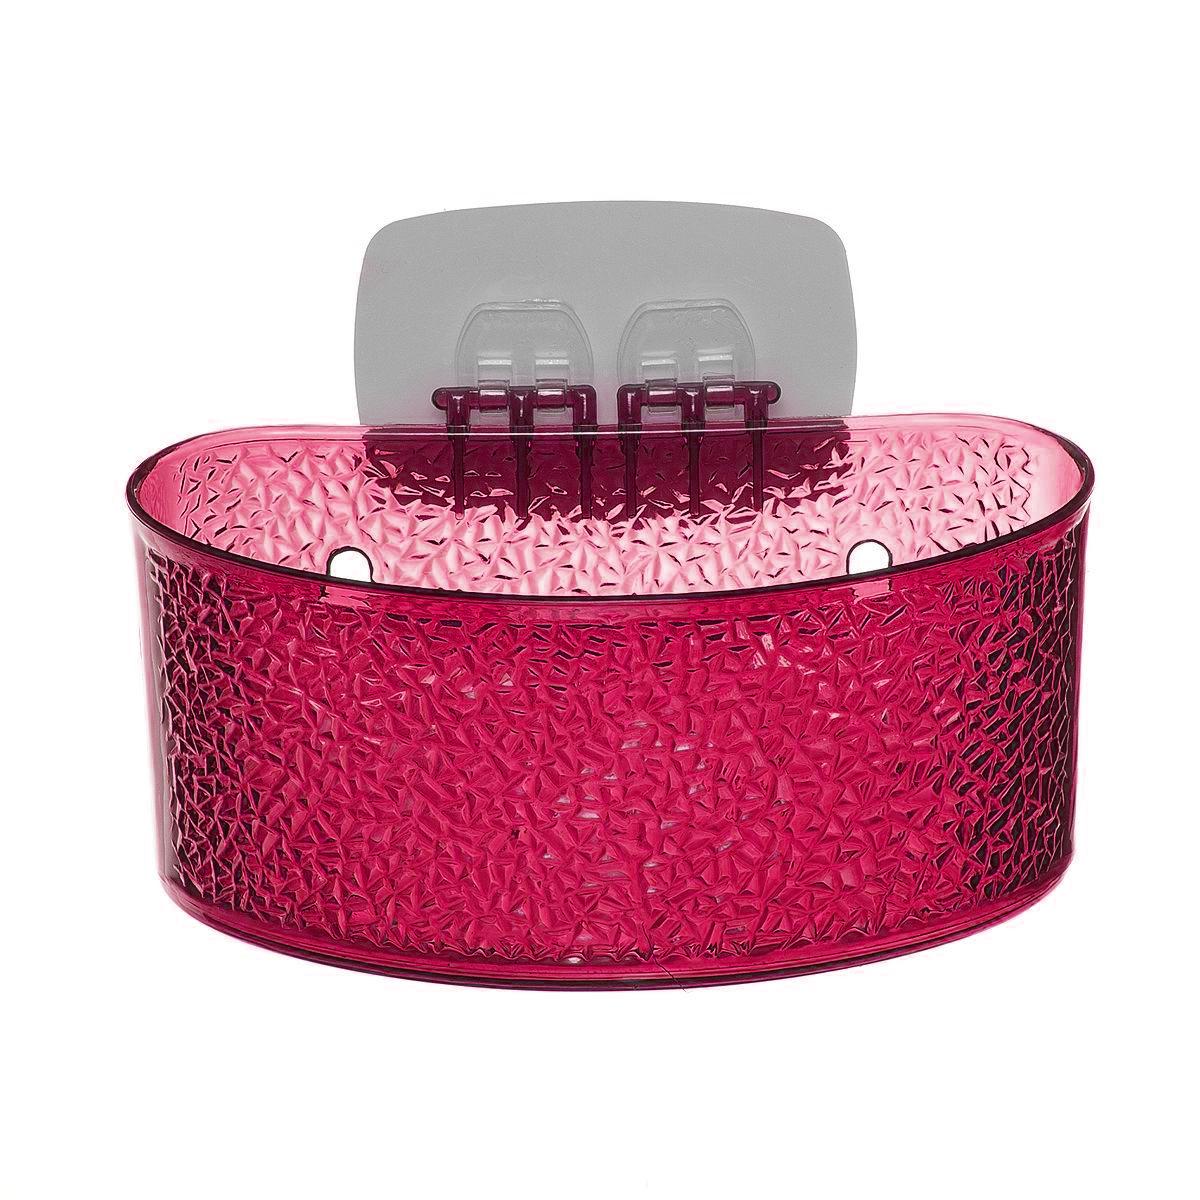 Полка для ванной комнаты Fresh Code, на липкой основе, цвет: малиновый, 19 х 10 х 10 см12723Полка для ванной комнаты Fresh Code выполнена из ABS пластика. Крепление на липкой основе многократного использования идеально подходит для гладкой поверхности. Полка поможет создать настроение вашей ванной комнаты. Подходит для всех типов гладких поверхностей. Максимальная нагрузка 3 кг.